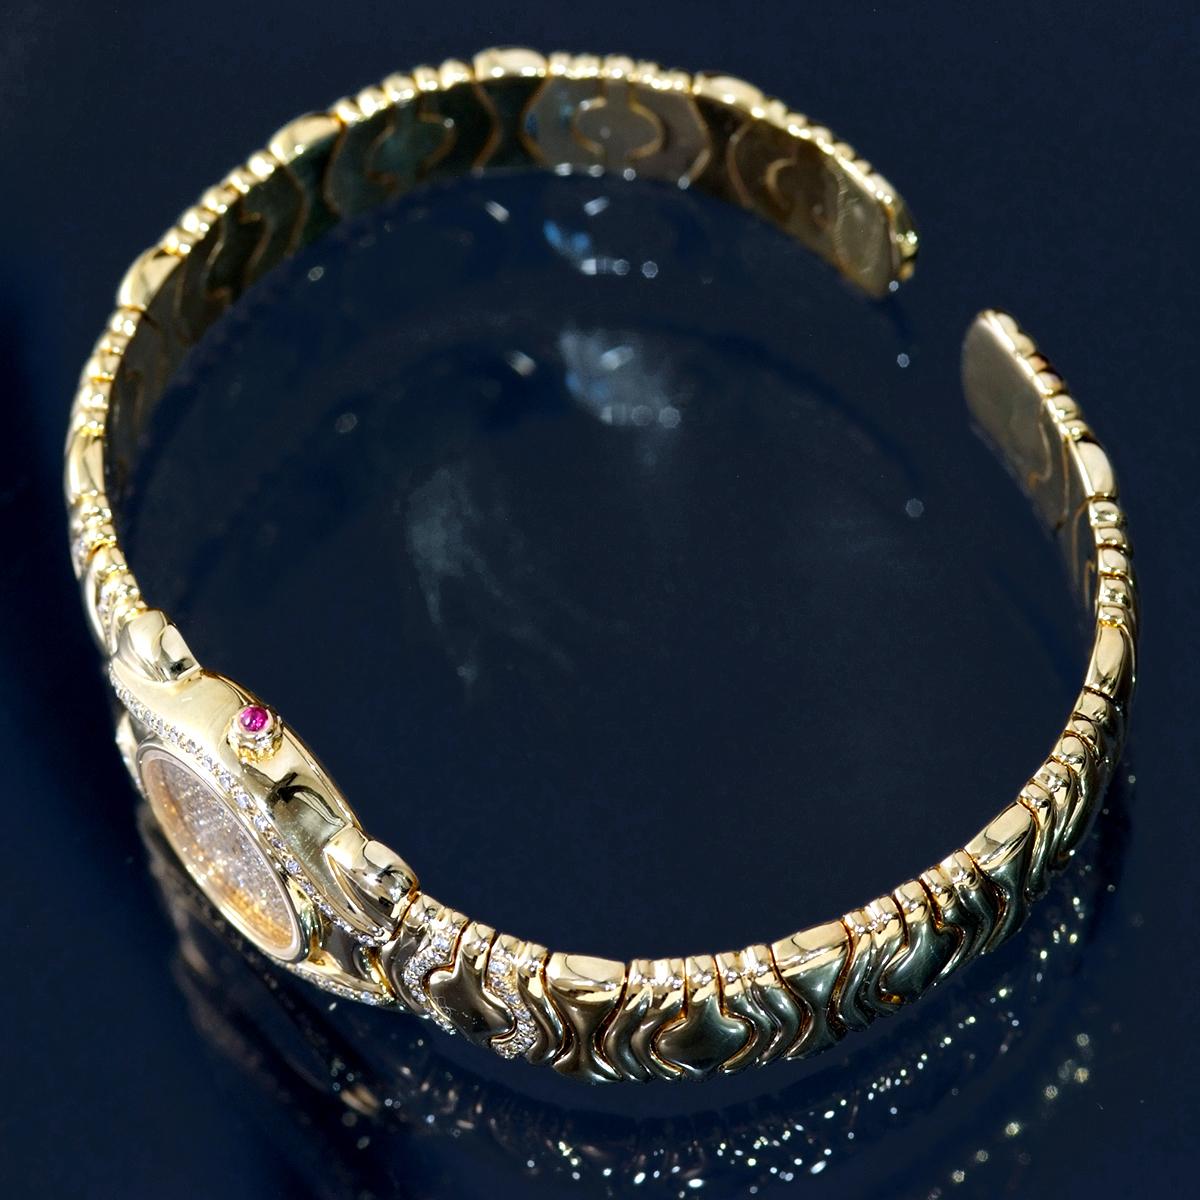 F0376【LALANNE】天然絶品ダイヤモンド ルビー 最高級18金無垢セレブリティレディQZ 腕周り18cm 重量68.0g ケース幅20.0mm_画像3